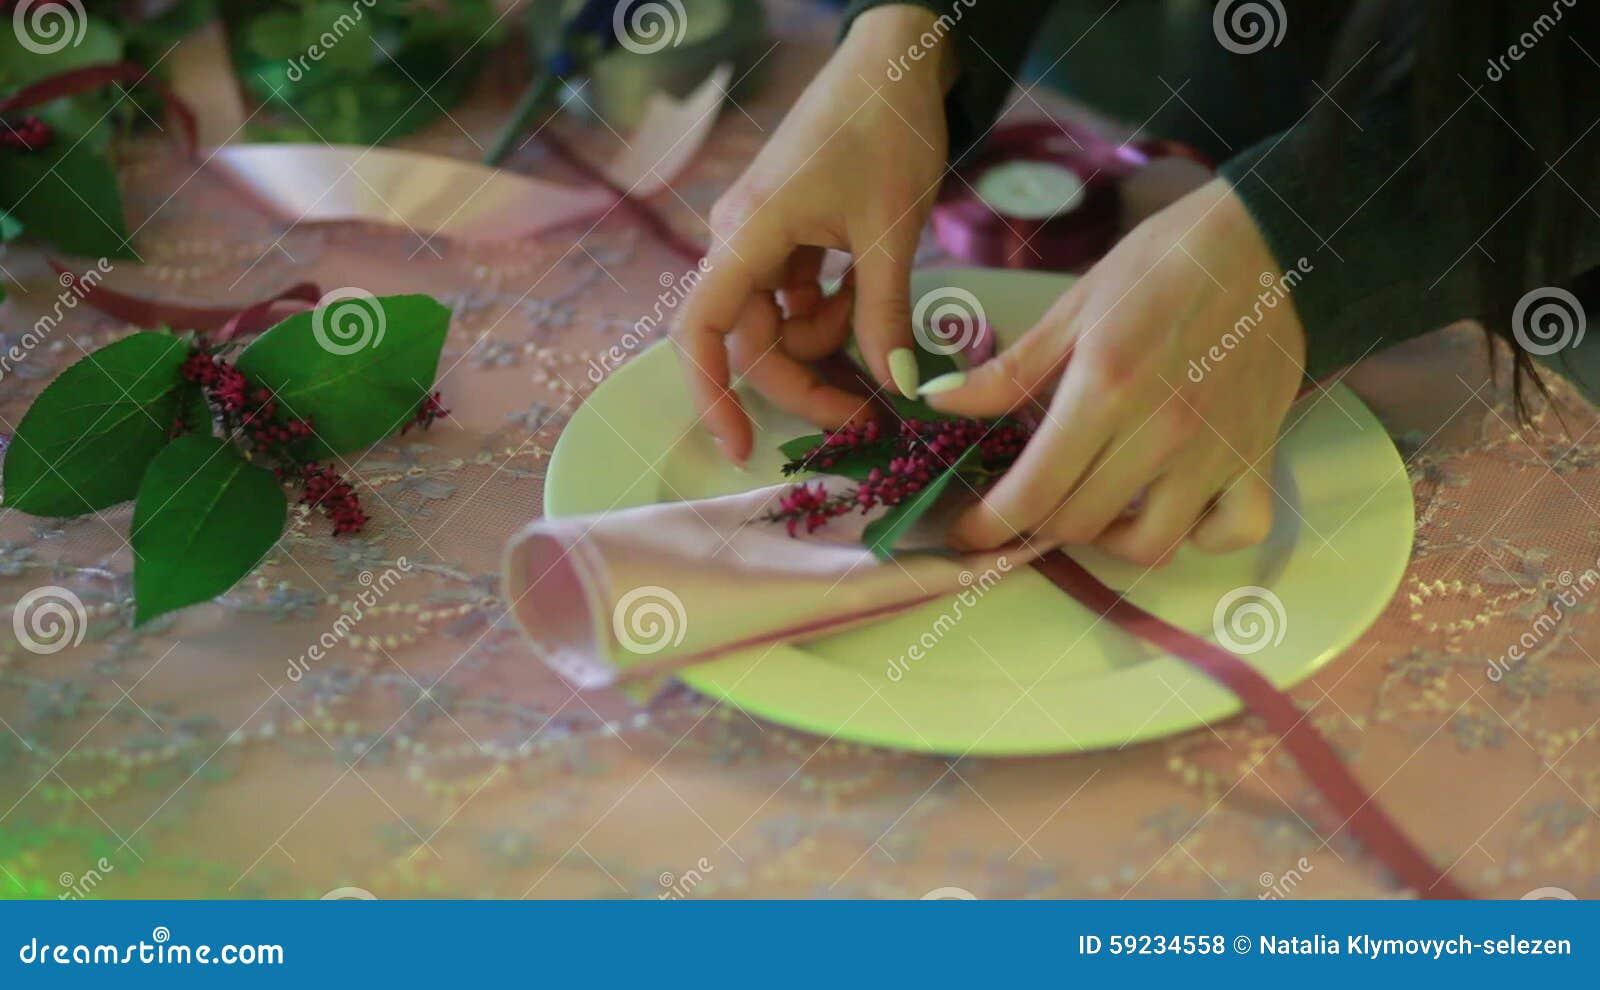 Vrouwelijke handen die servetten vouwen kelner die servet ...